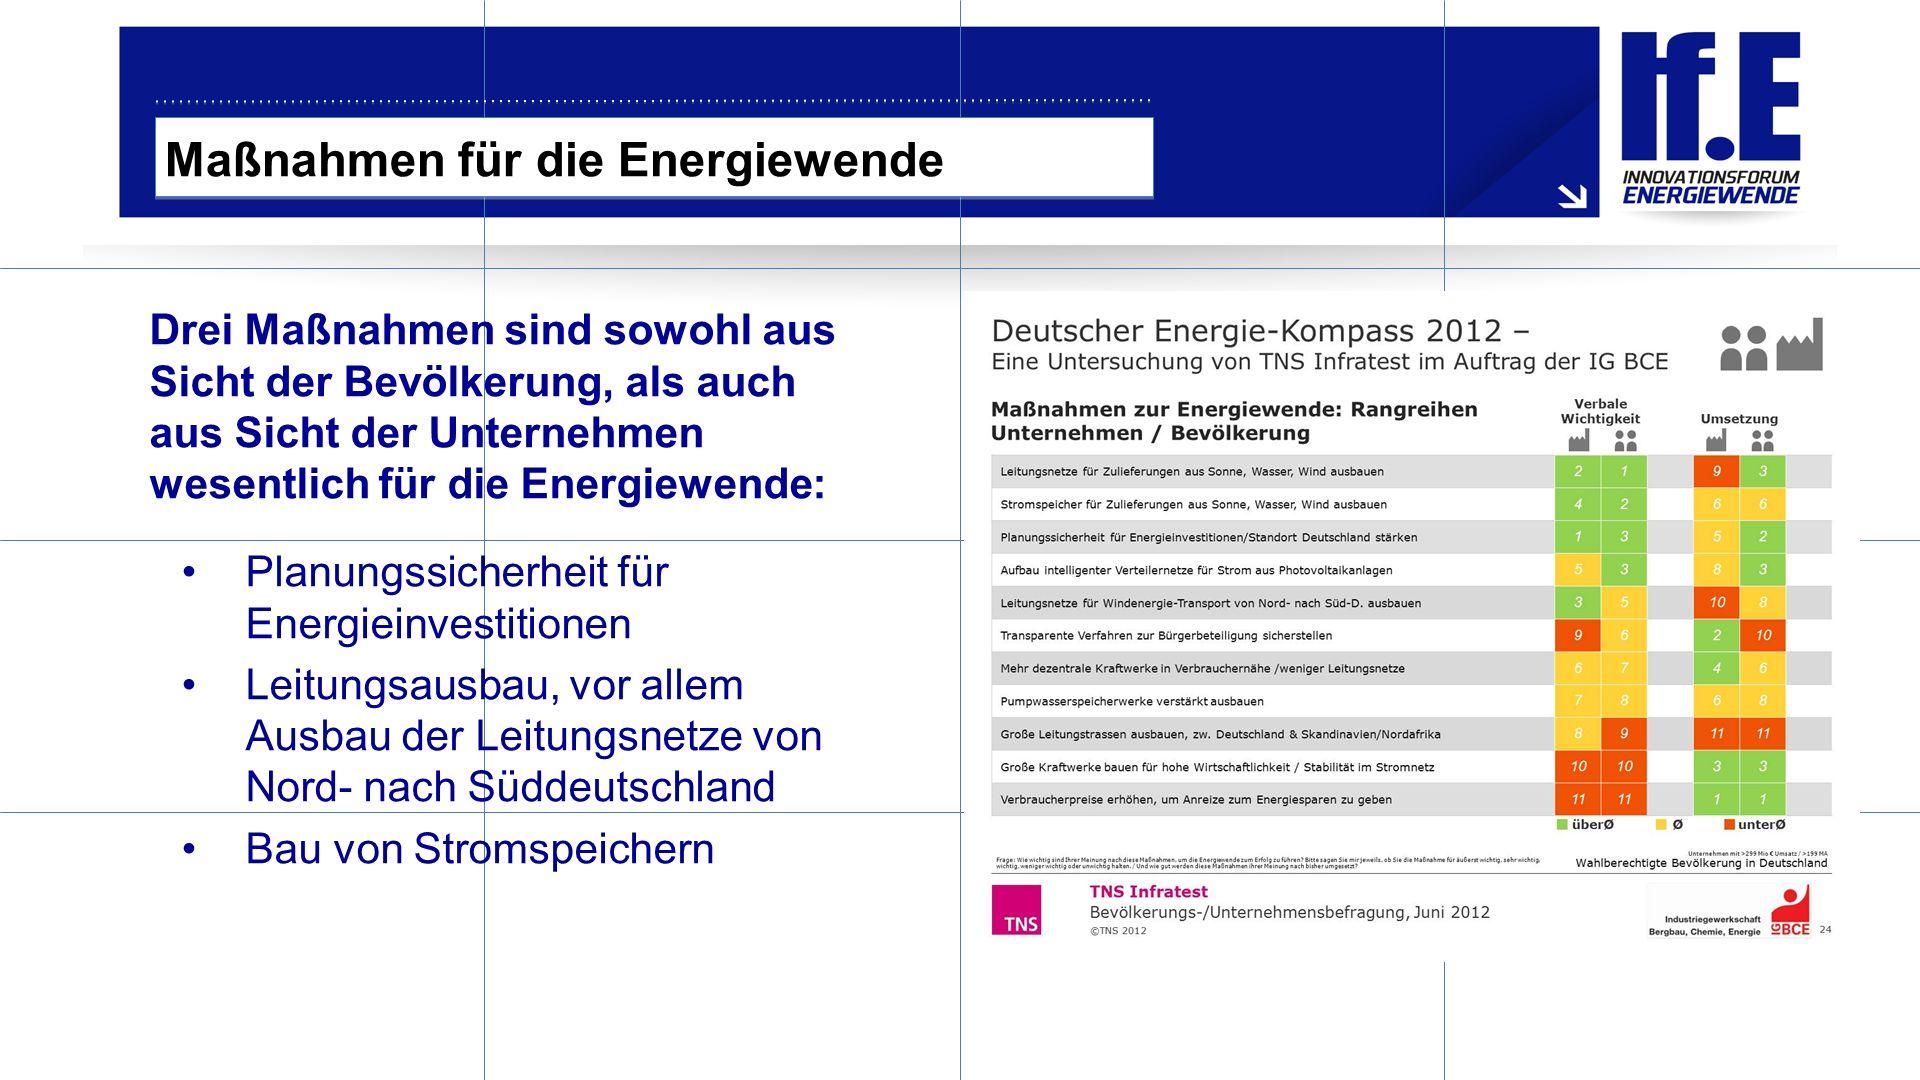 Maßnahmen für die Energiewende Drei Maßnahmen sind sowohl aus Sicht der Bevölkerung, als auch aus Sicht der Unternehmen wesentlich für die Energiewende: Planungssicherheit für Energieinvestitionen Leitungsausbau, vor allem Ausbau der Leitungsnetze von Nord- nach Süddeutschland Bau von Stromspeichern